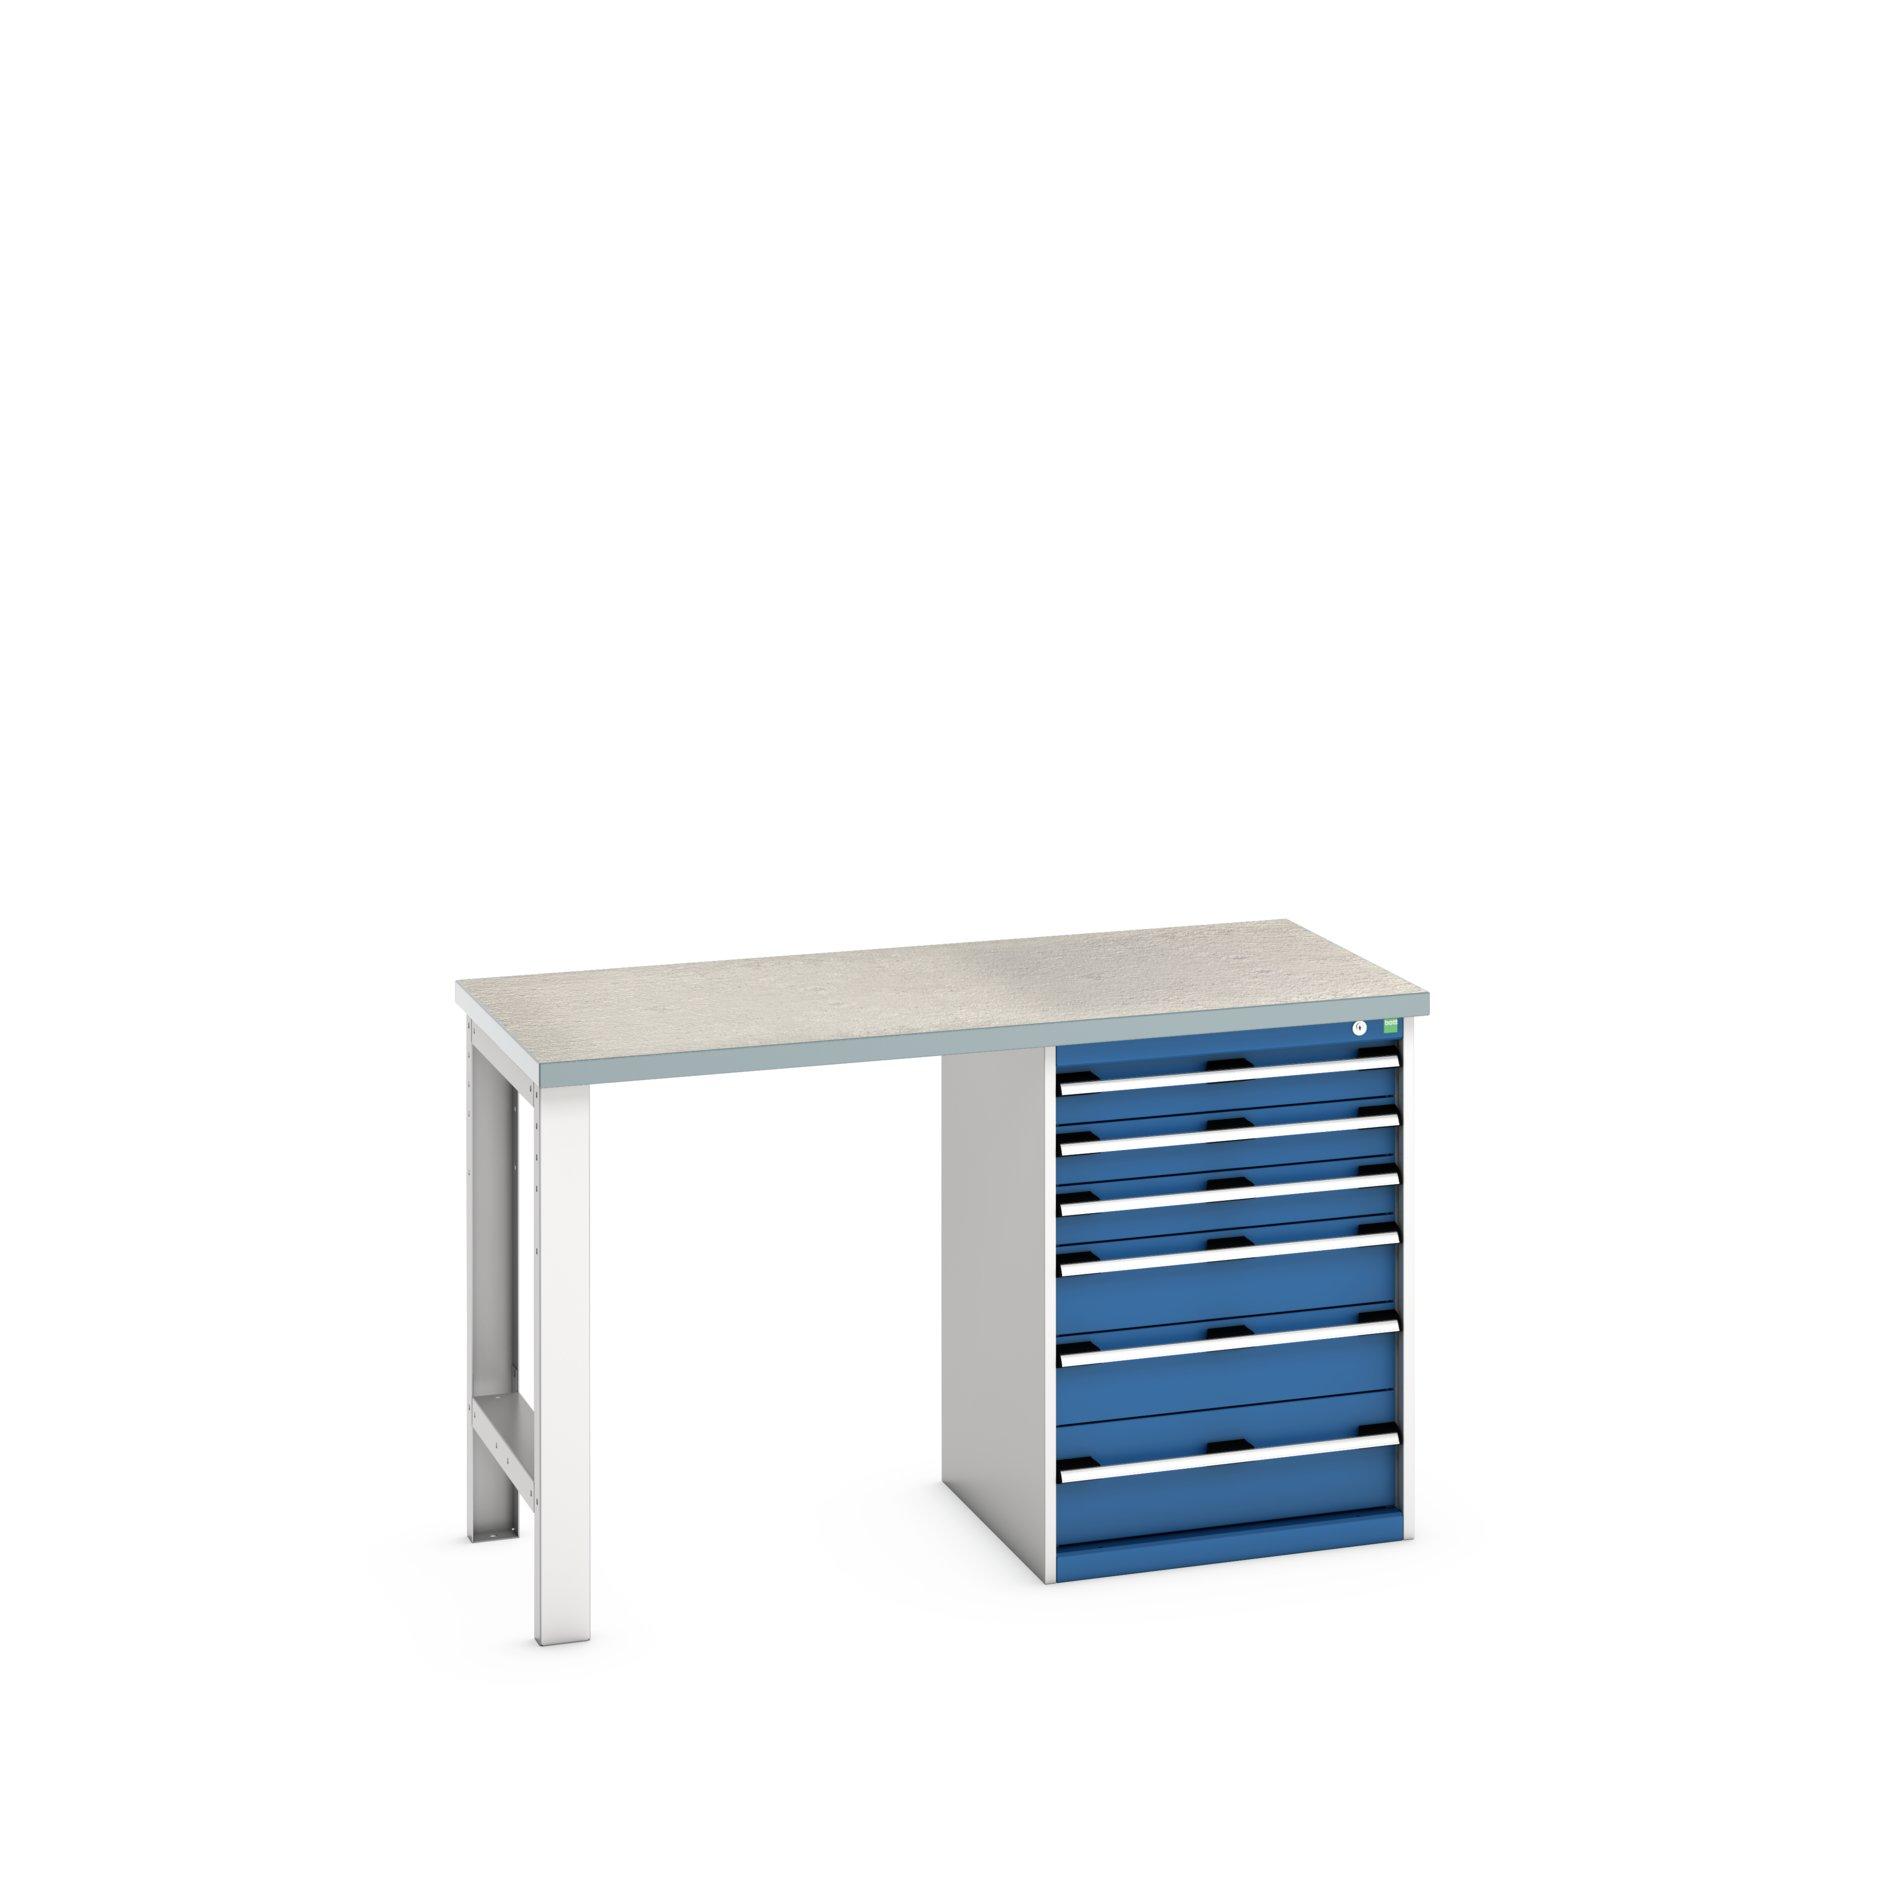 Bott Cubio Pedestal Bench With 6 Drawer Cabinet